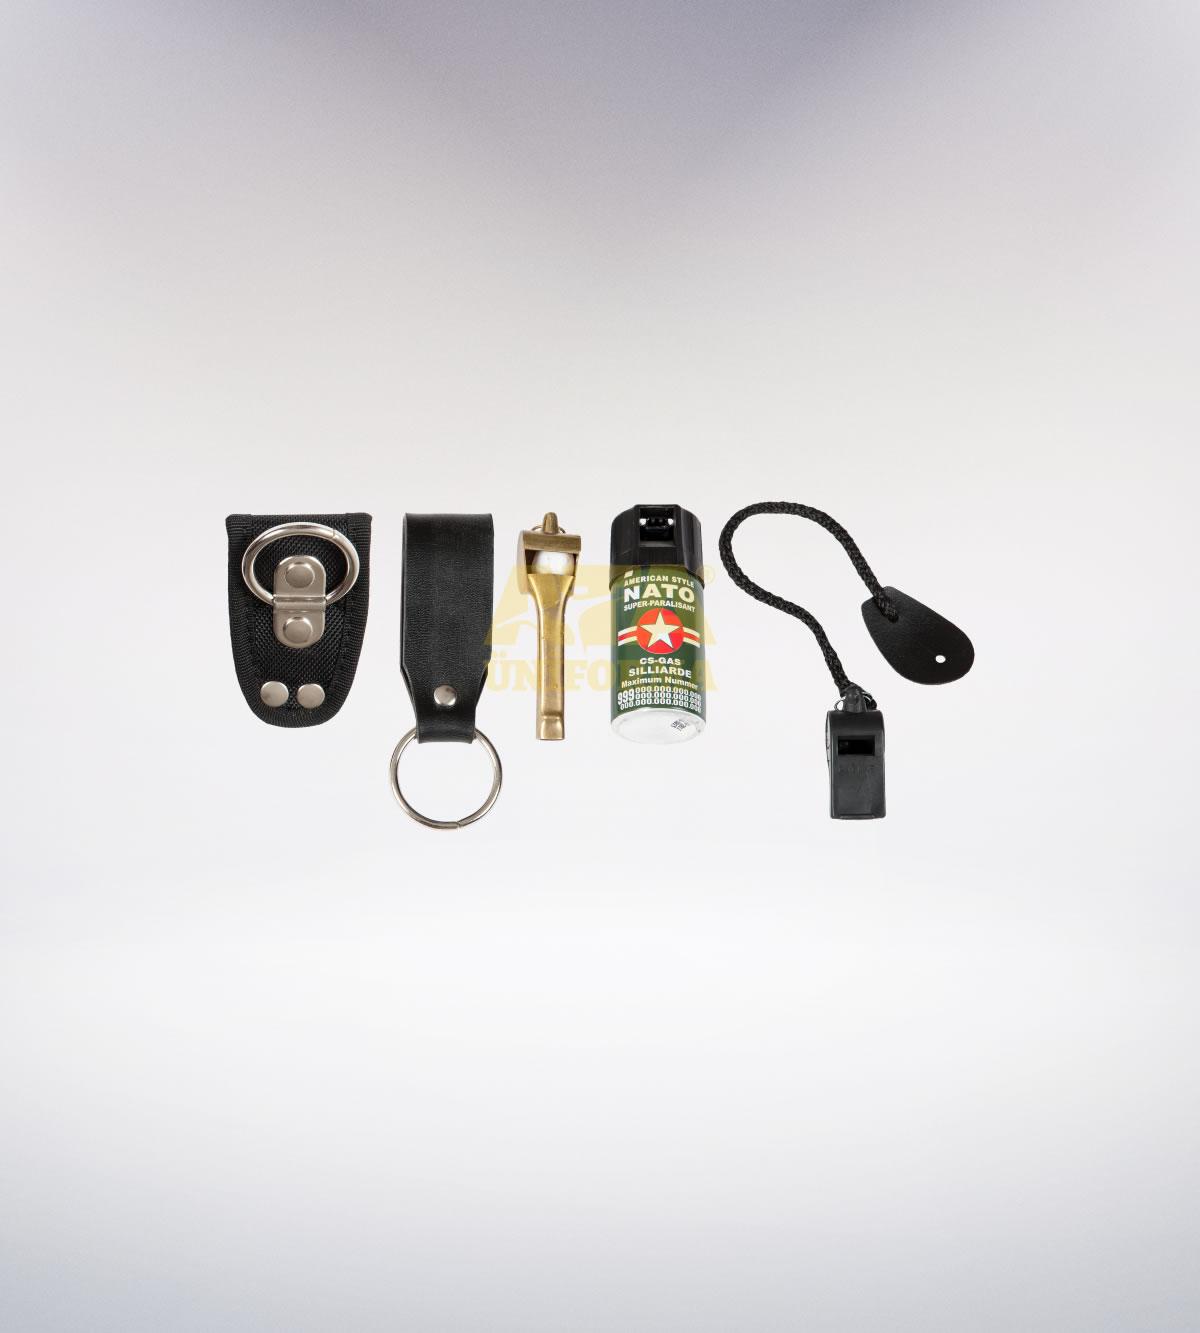 ATA 155 - arka - Pantolon kışlık - mont - aksesuar - güvenlik elbiseleri | güvenlik üniformaları | güvenlik kıyafetleri